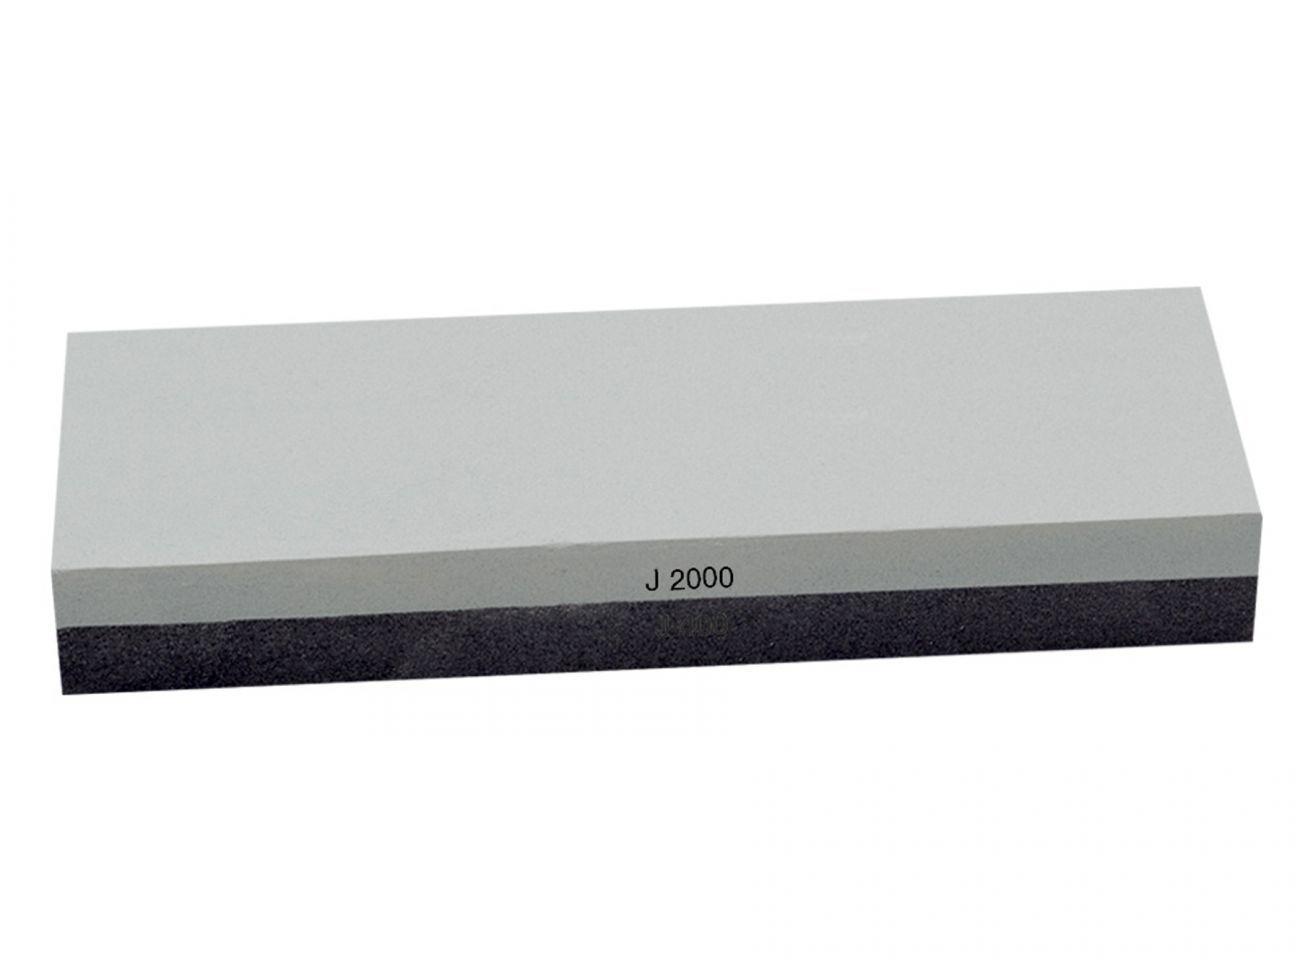 Wüsthof 4450 Schleifstein Körnung 400   2000 2000 2000 | Moderne und elegante Mode  3d630a